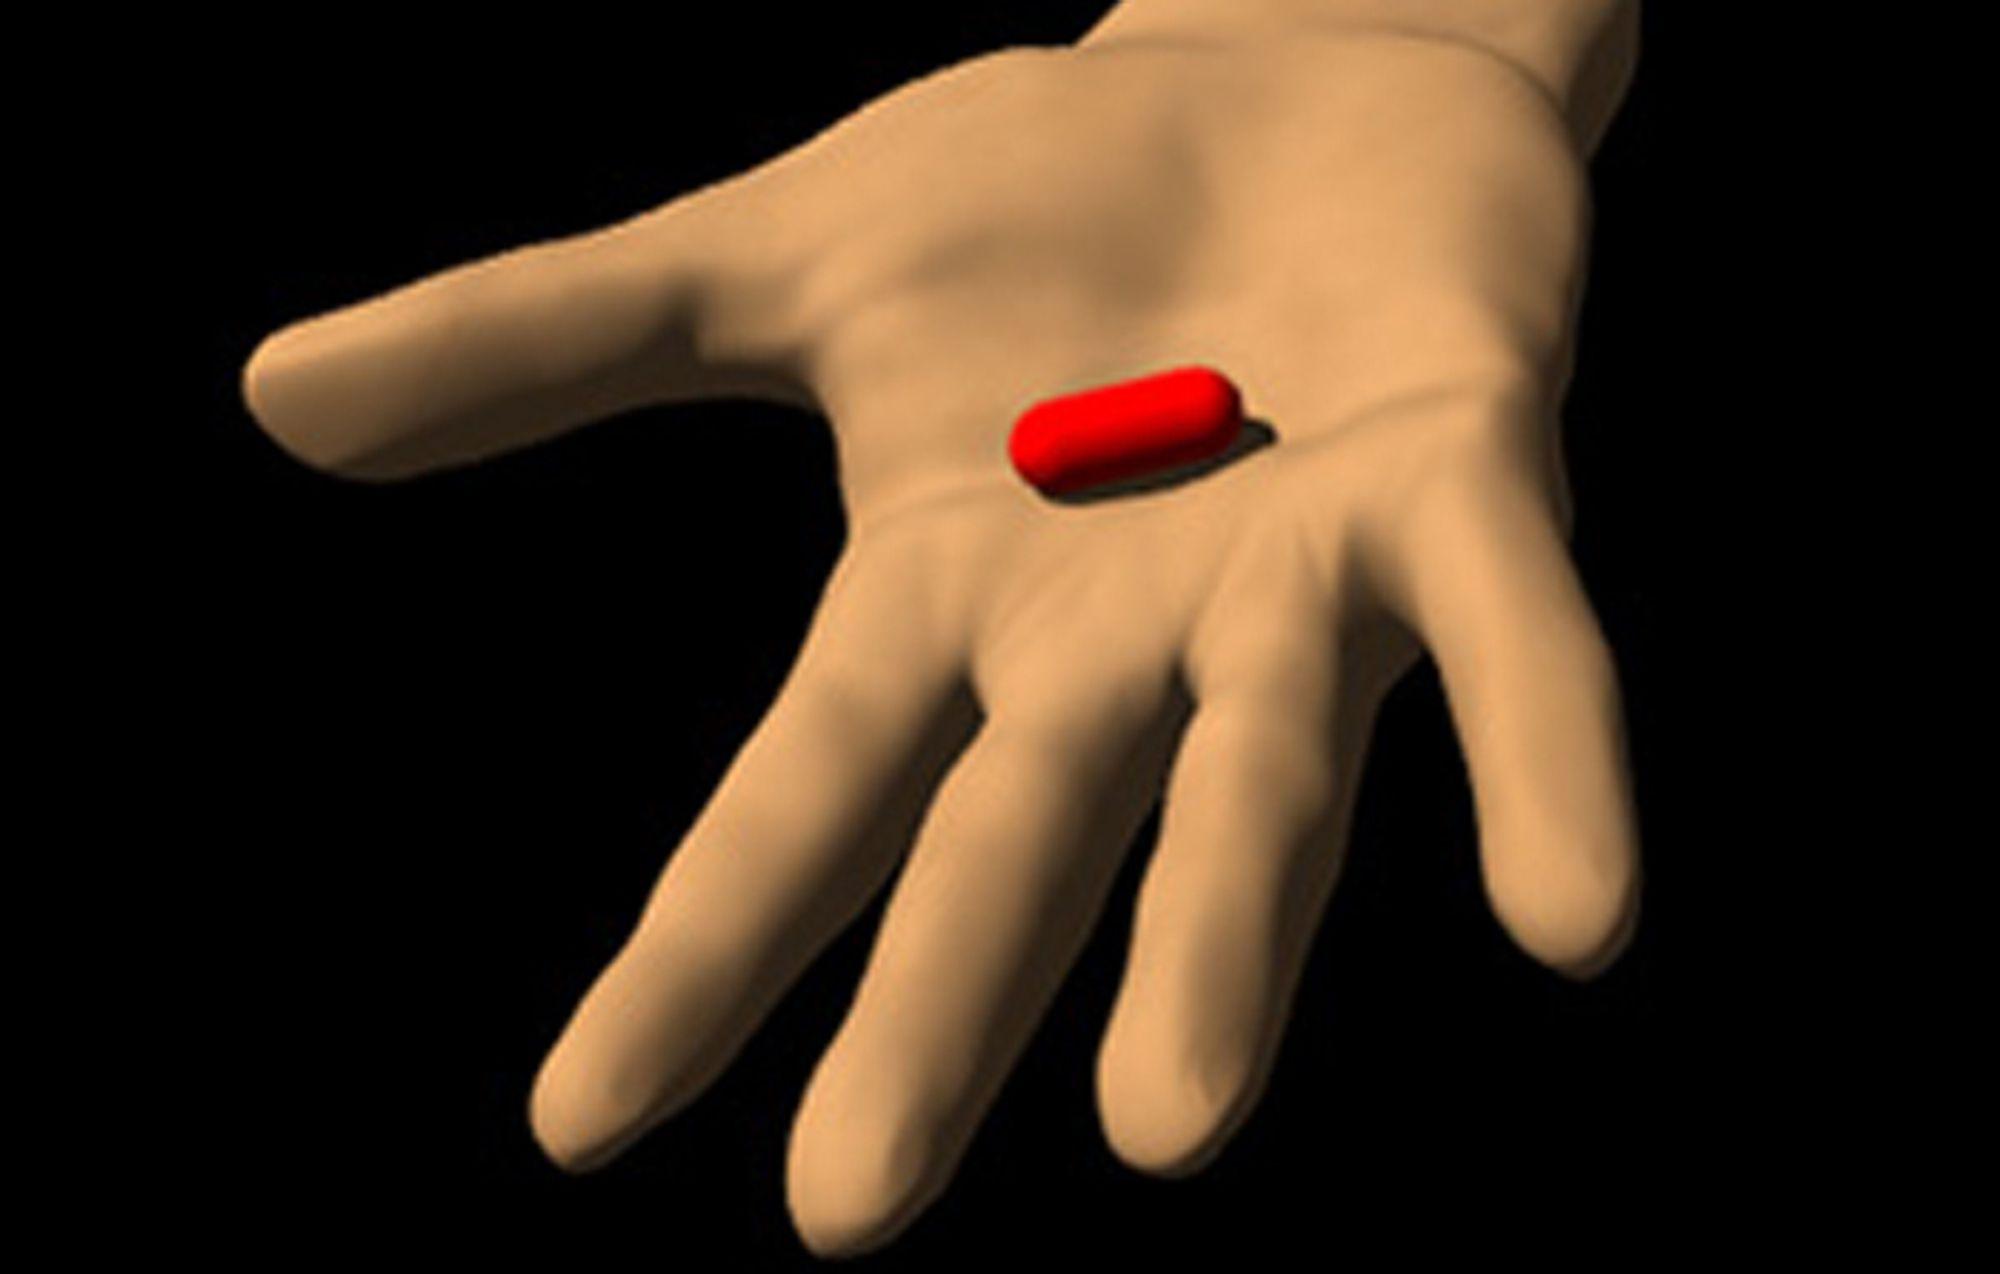 SULTEN: I Matrix-forkloren handler det om å spise den røde pillen. Norske Linpro ble i stedet spist av Redpill.